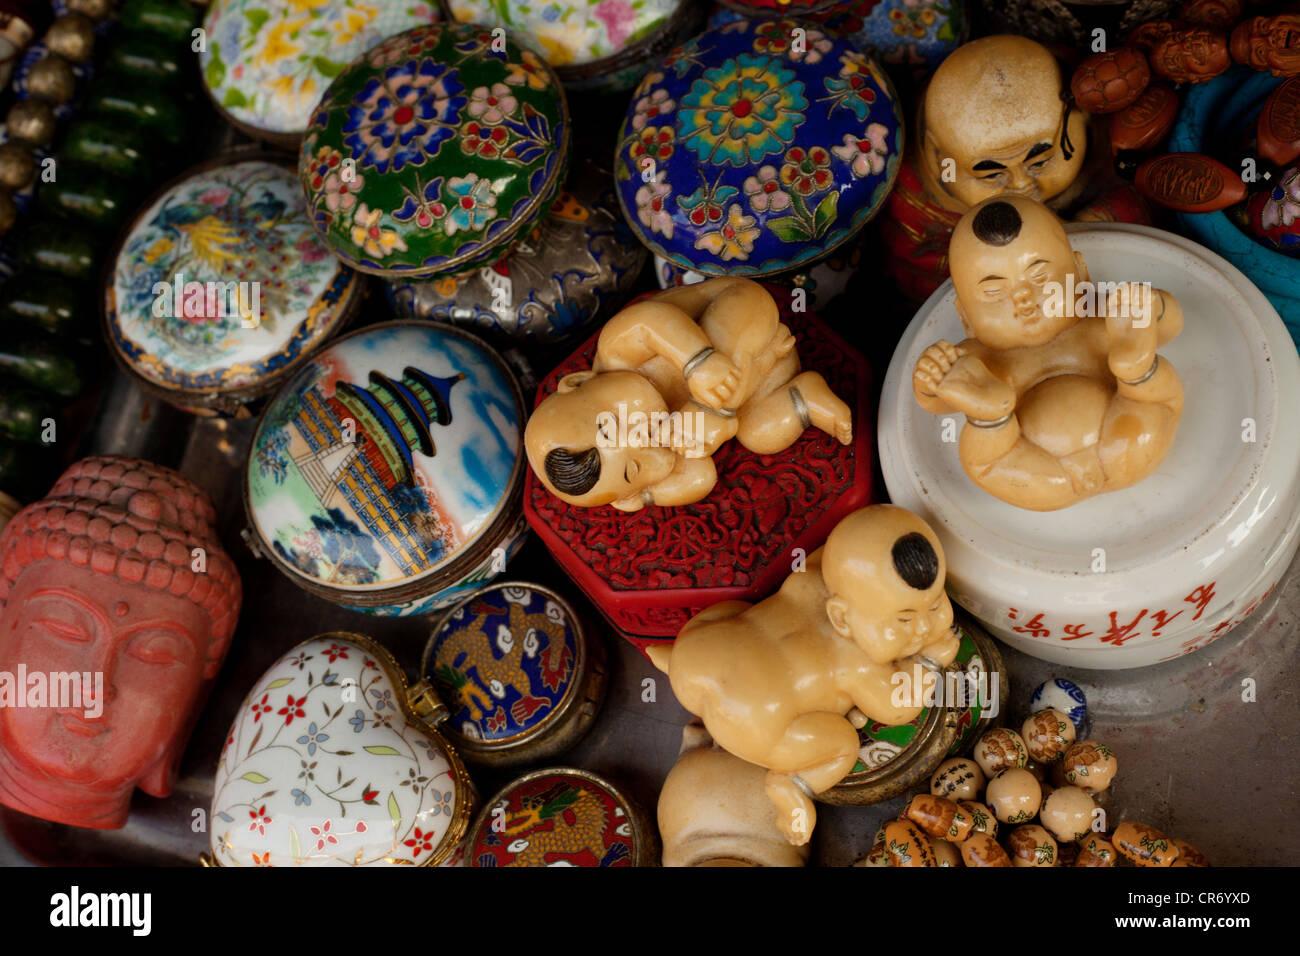 Alte chinesische Kultur shanghai in Straßenständen von China verkauften Artikel. Stockbild